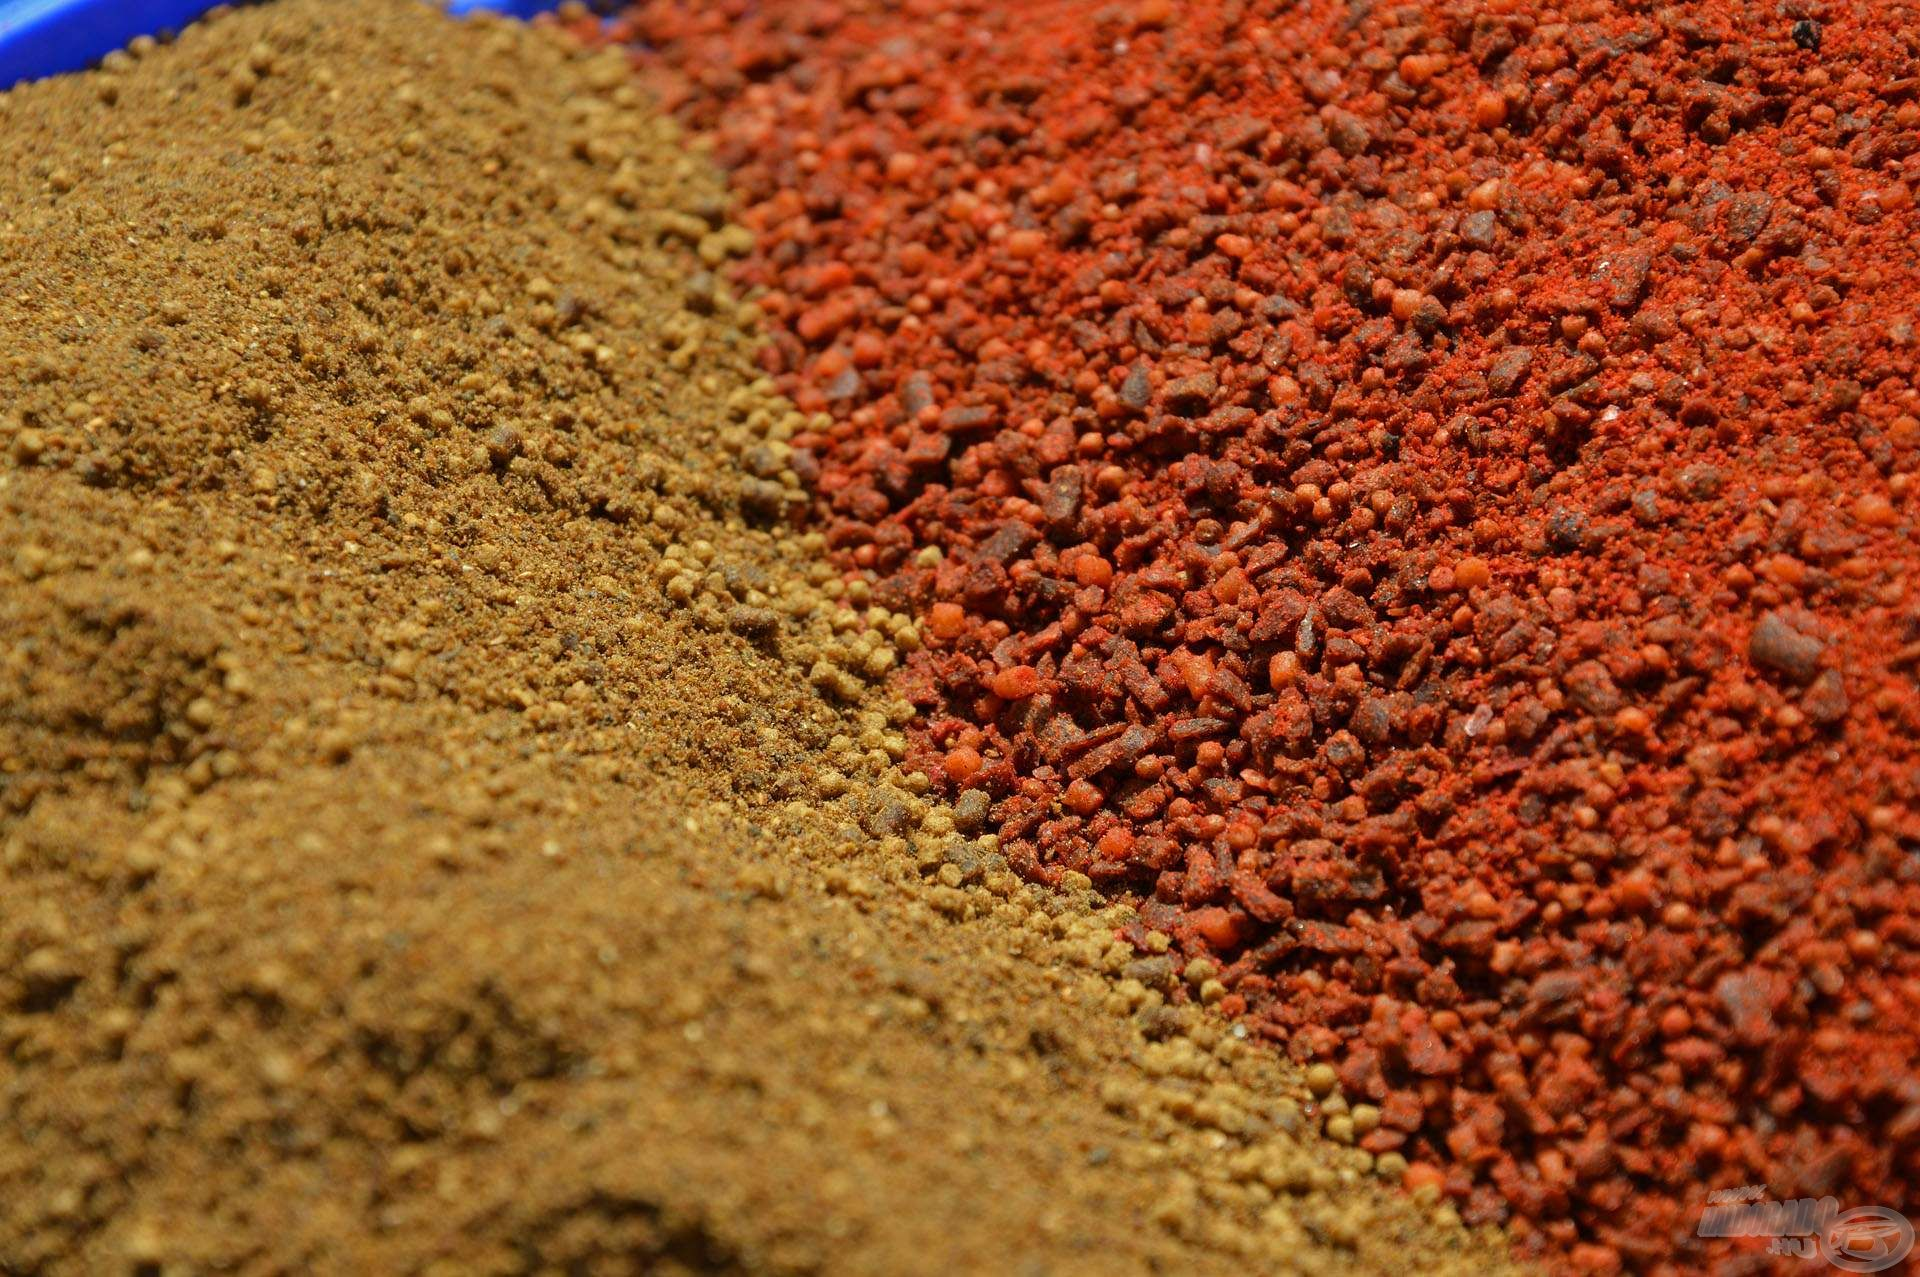 Mindkét komponense prémium összetételű, erőteljesen fűszeres-májas anyag